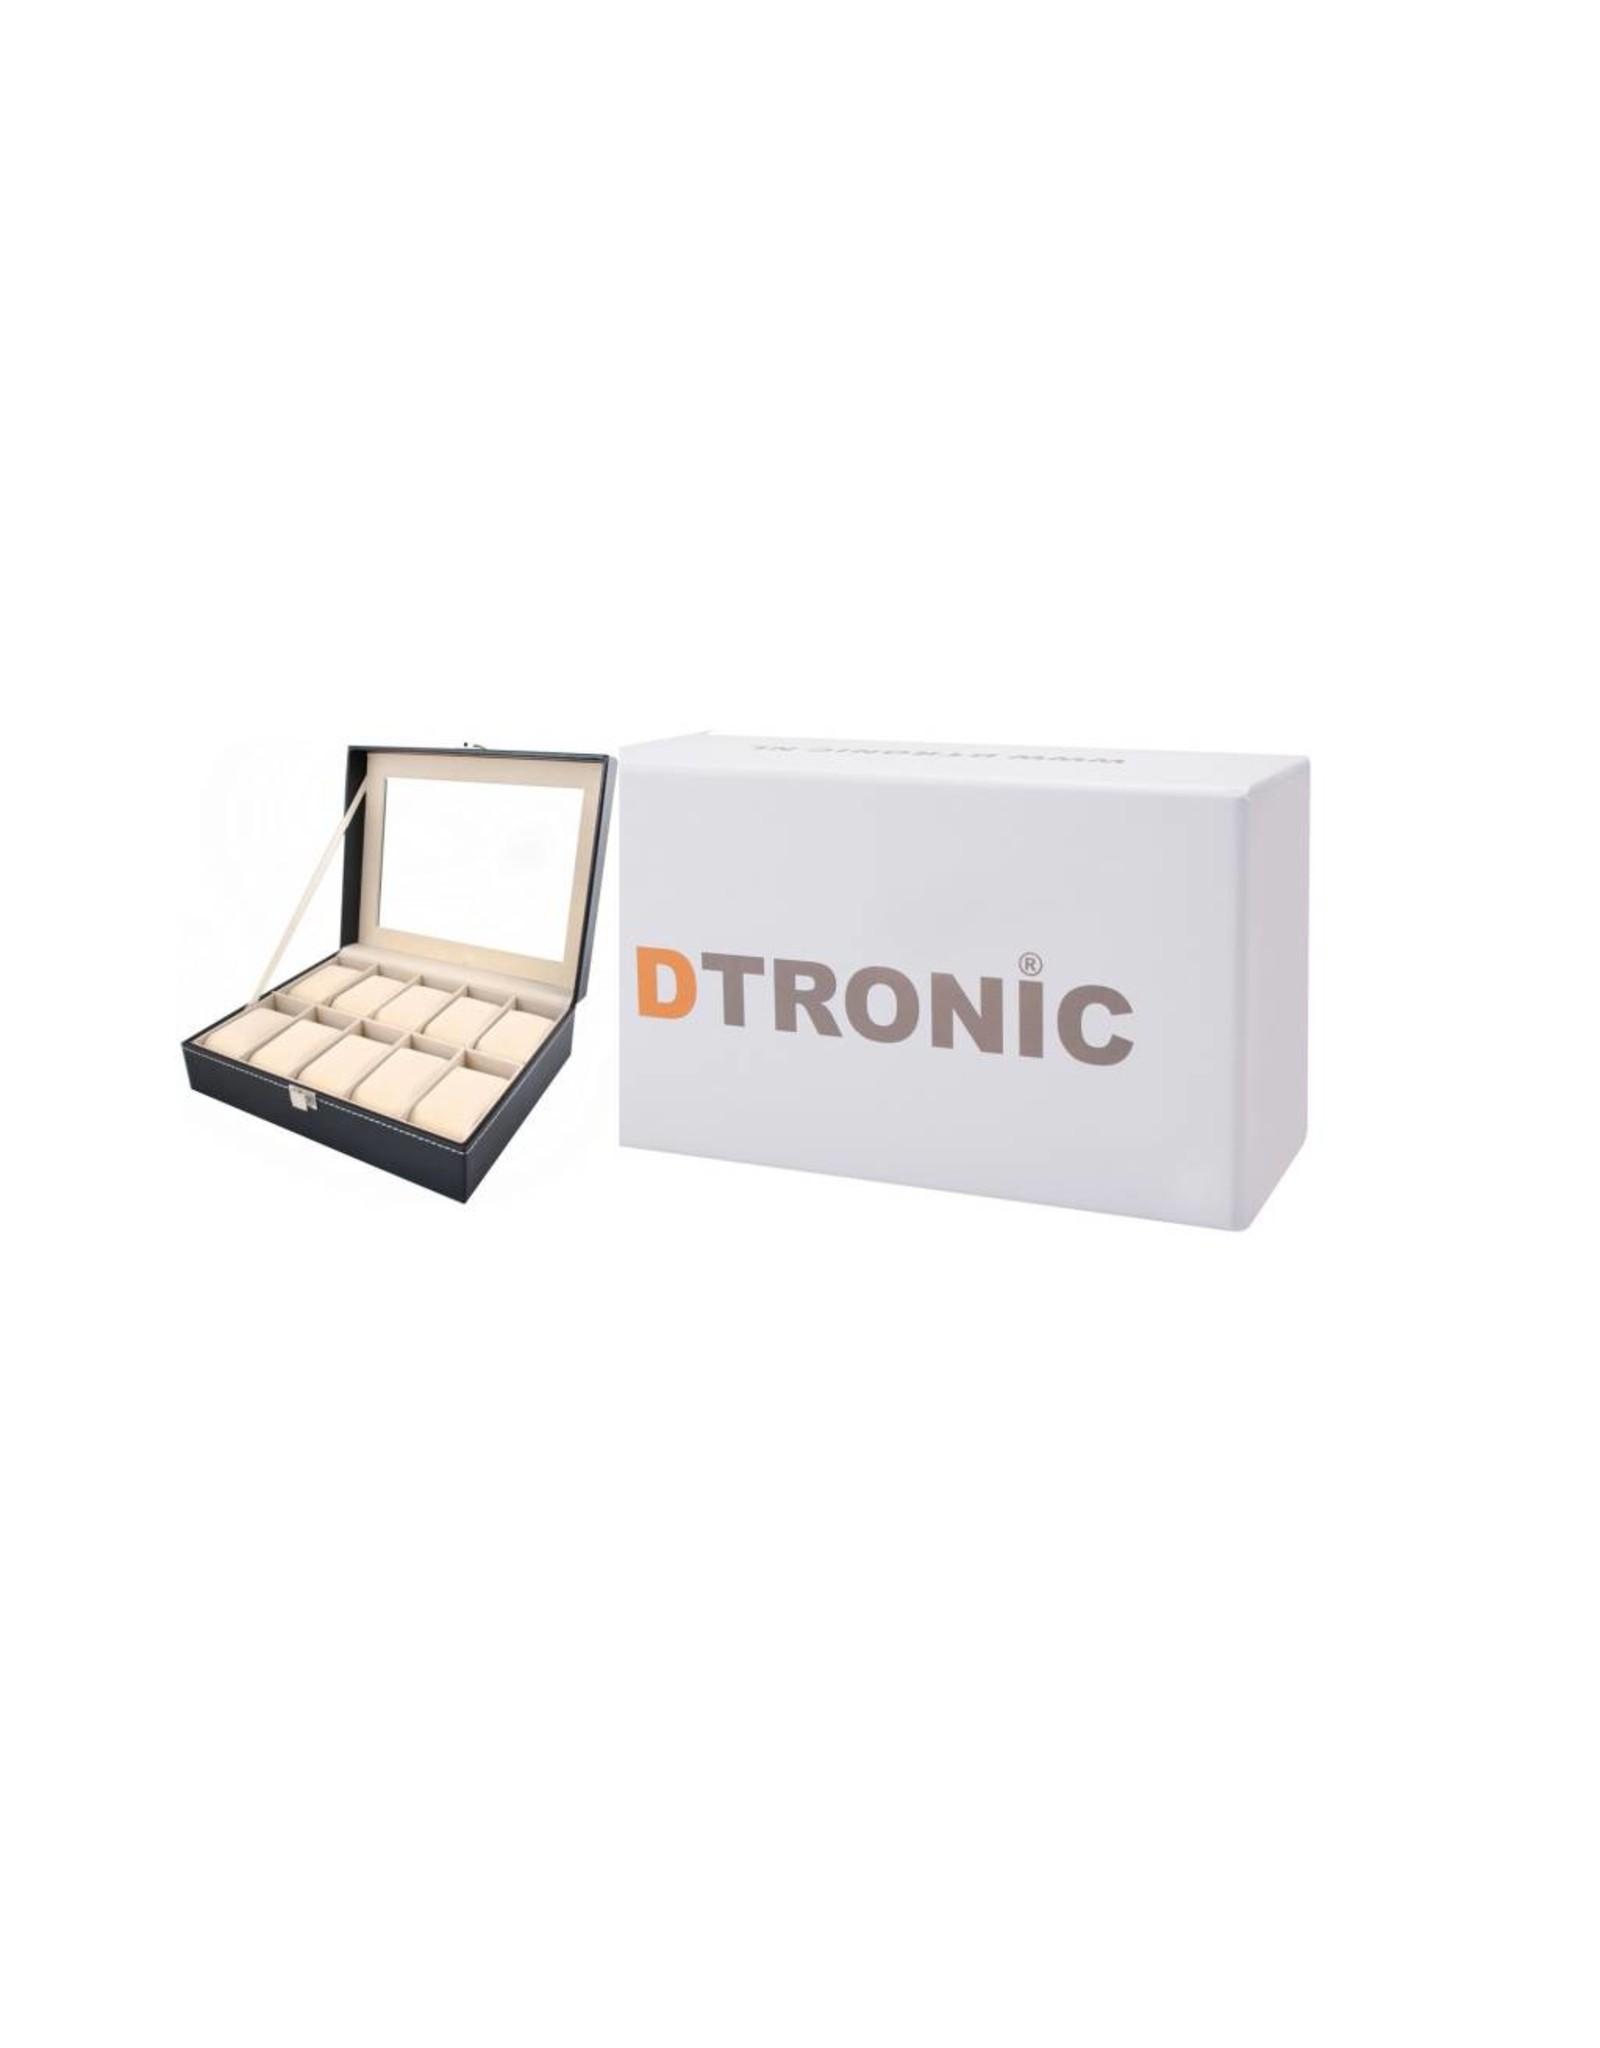 DTRONIC DTRONIC - ST110